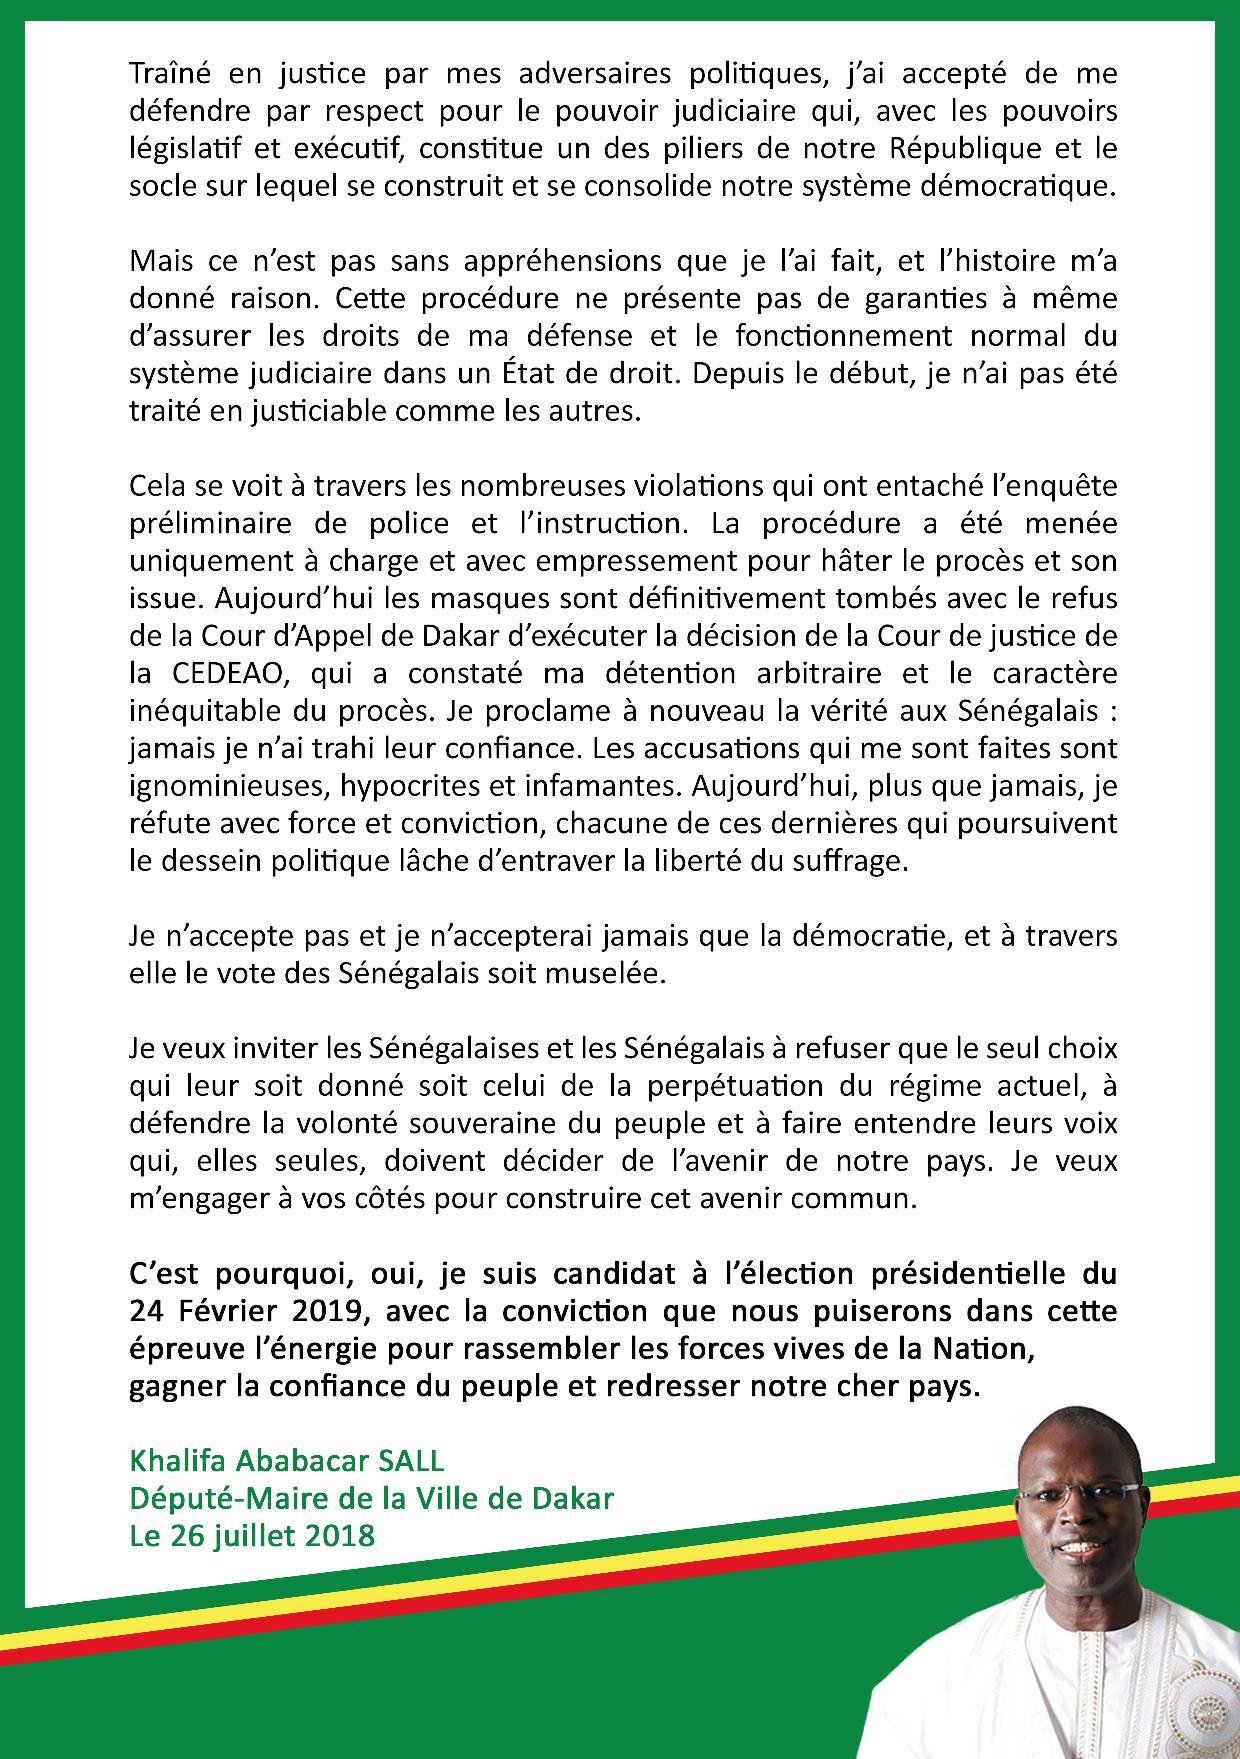 """URGENT - Khalifa Sall franchit le Rubicon : """"Je suis candidat à l'élection présidentielle du 24 février 2019"""""""